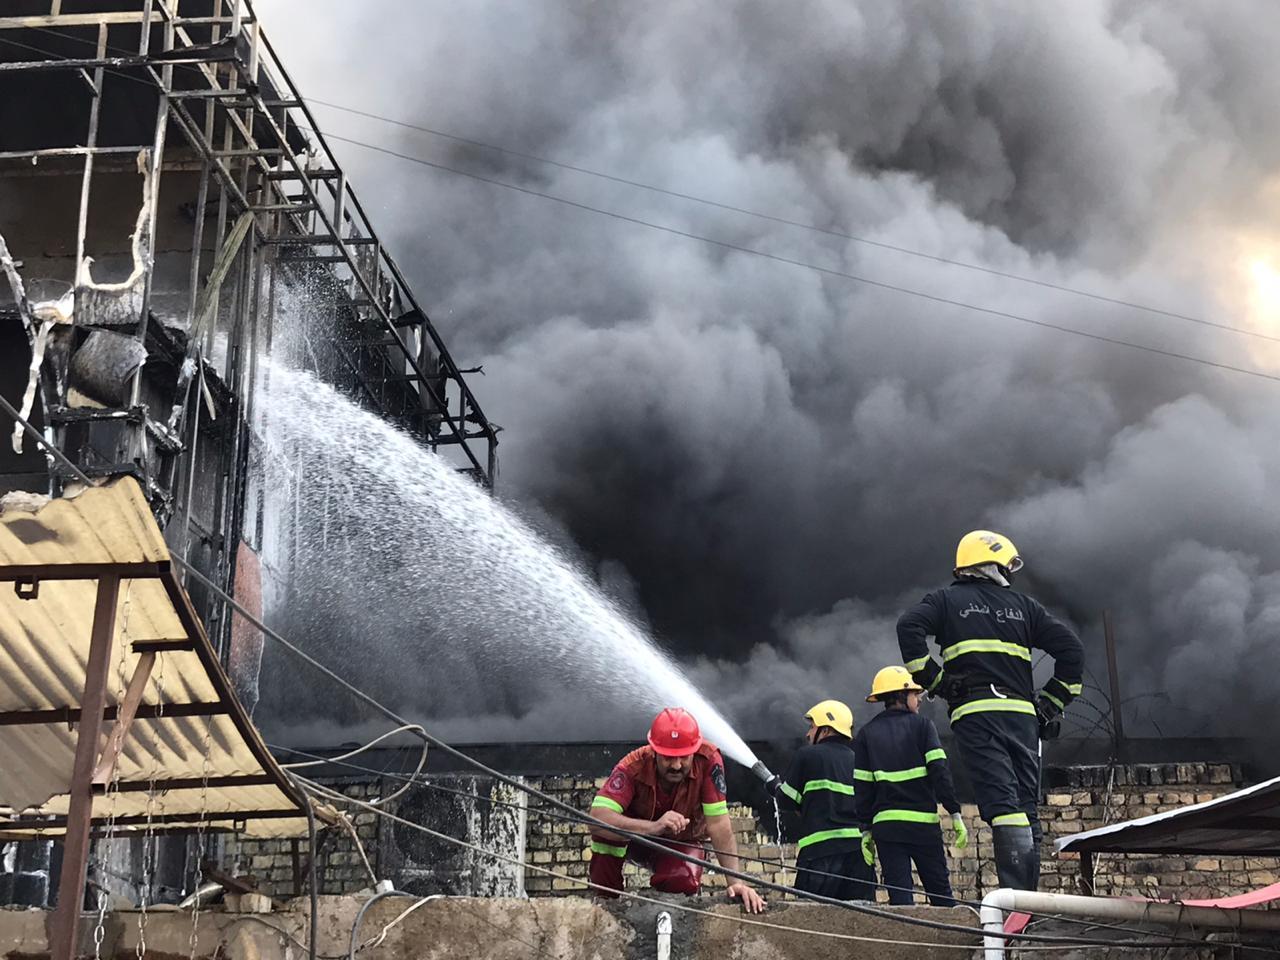 مدير عام الدفاع المدني يعلن السيطرة على حريق سوق باب المعظم خلال 7 ساعات